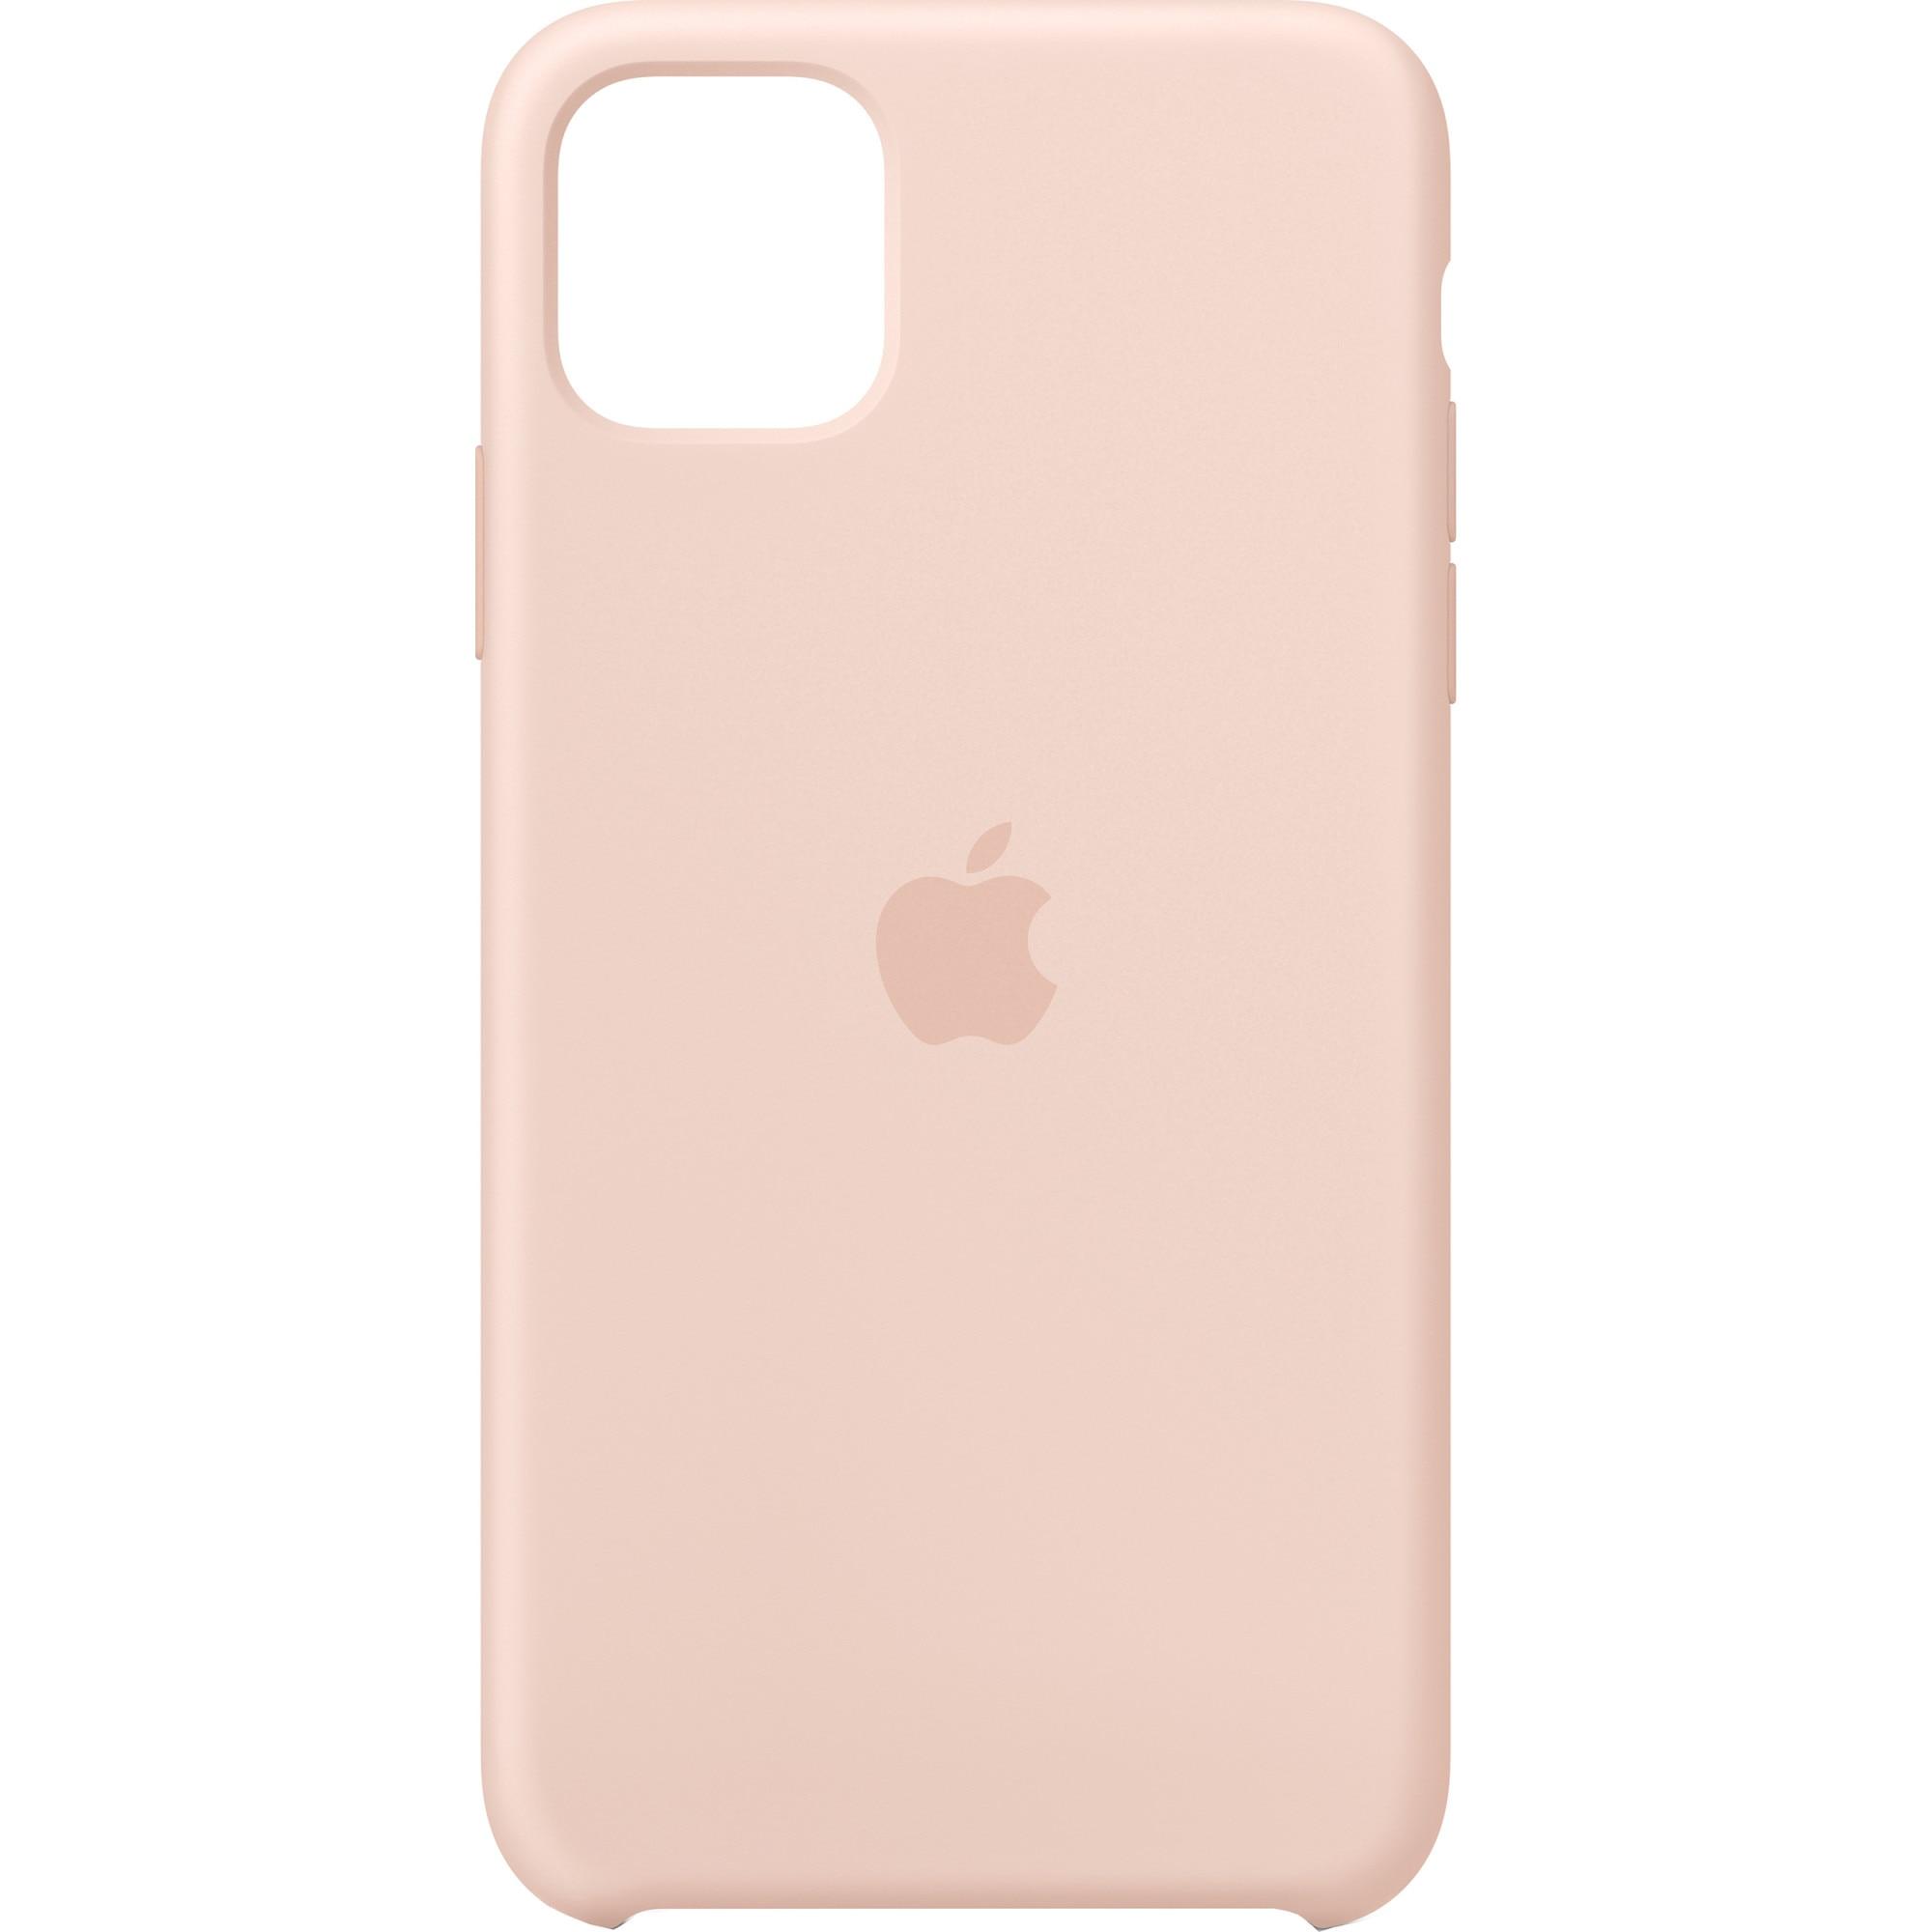 Fotografie Husa de protectie Apple pentru iPhone 11 Pro Max, Silicon, Pink Sand